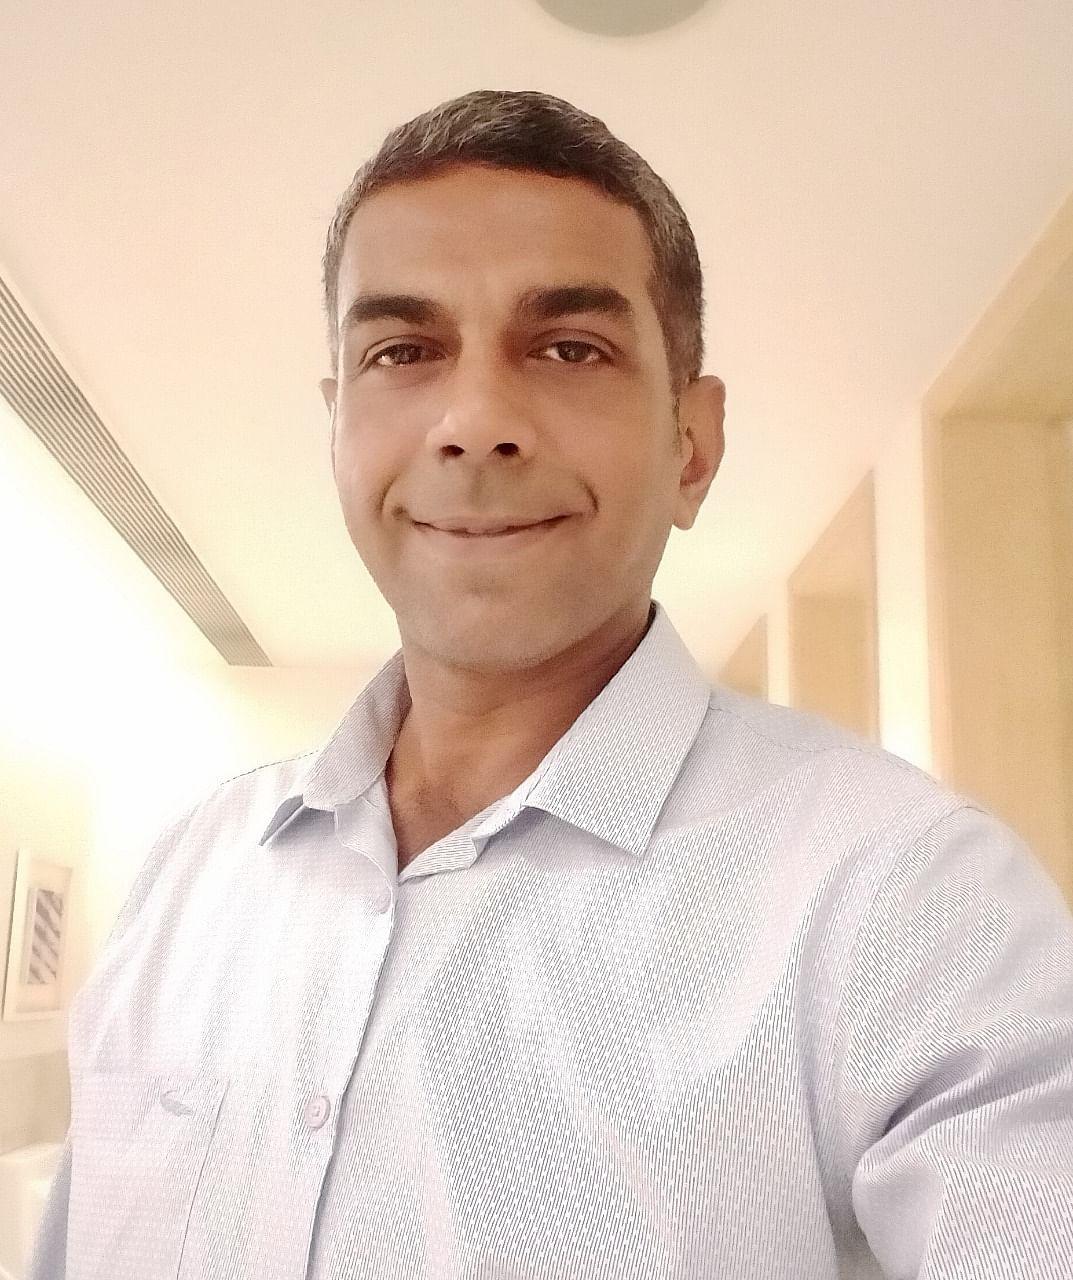 தீபக் நம்பியார்